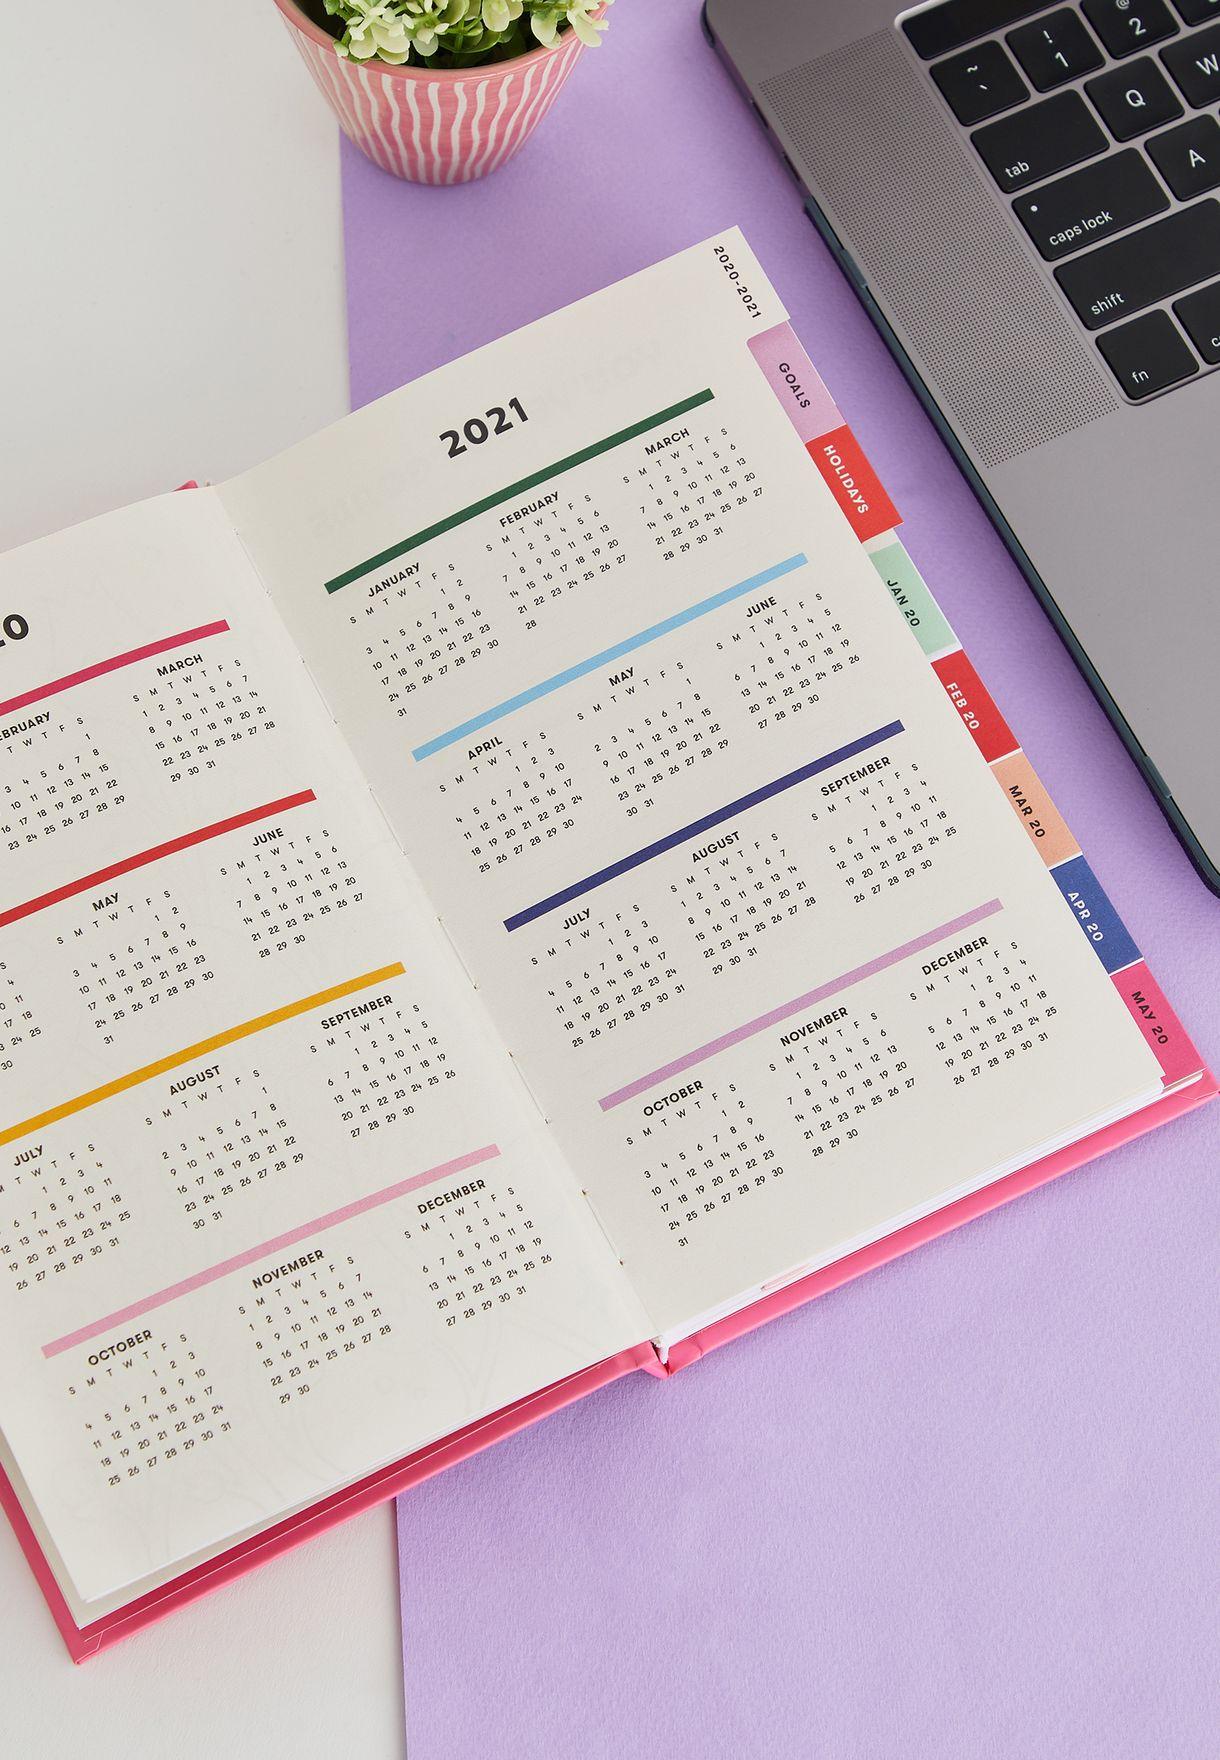 دفتر تخطيط بطبعة - 12 شهر